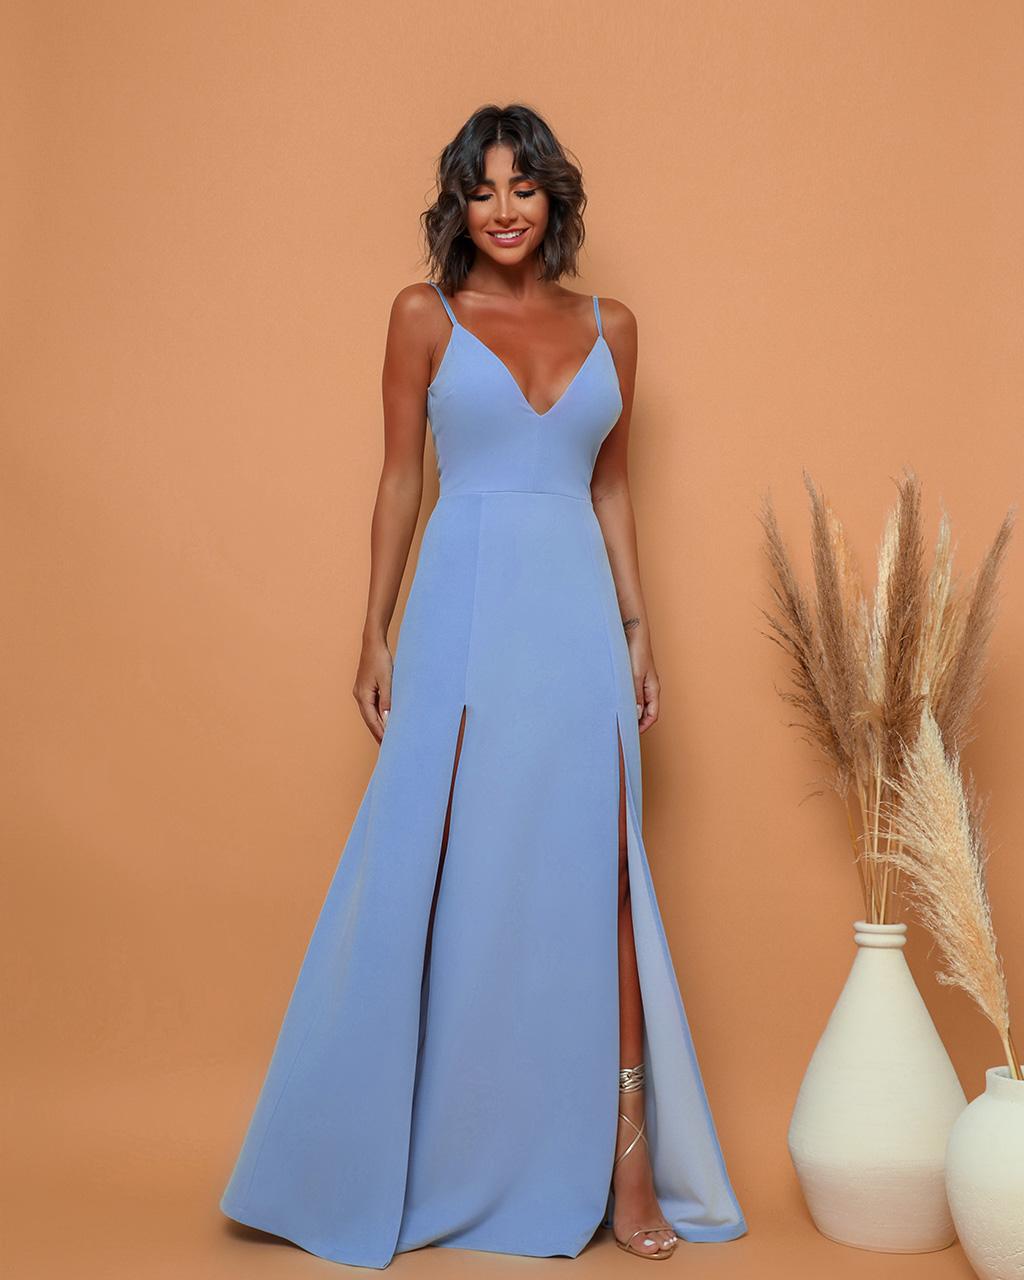 Vestido Nicole  - Empório NM